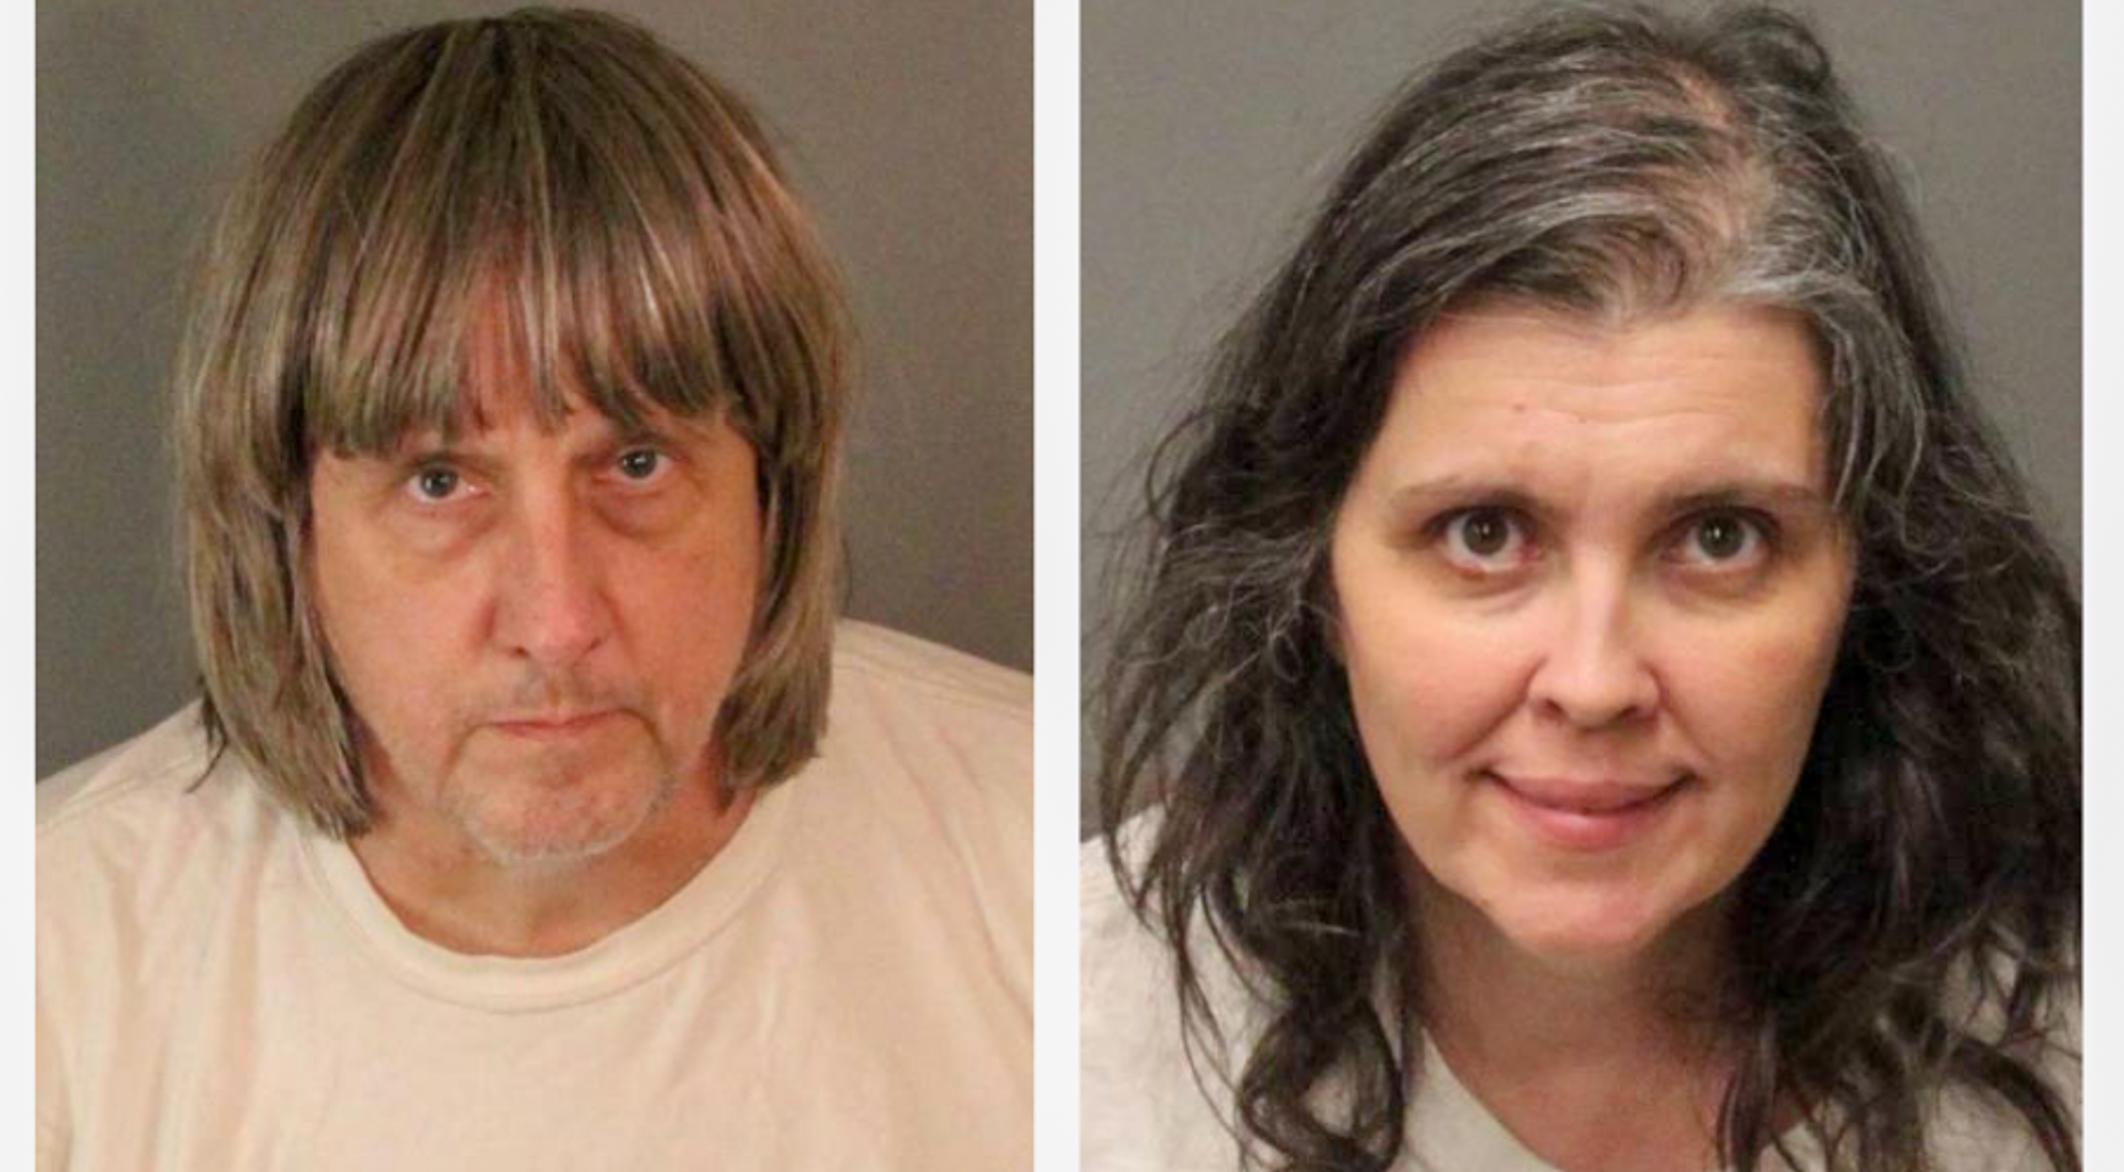 Ζευγάρι της Καλιφόρνιας που κράτησε τα 13 παιδιά τους αιχμαλωτισμένα στο «House of Horrors», παρακαλούσε ένοχο να βασανιστεί